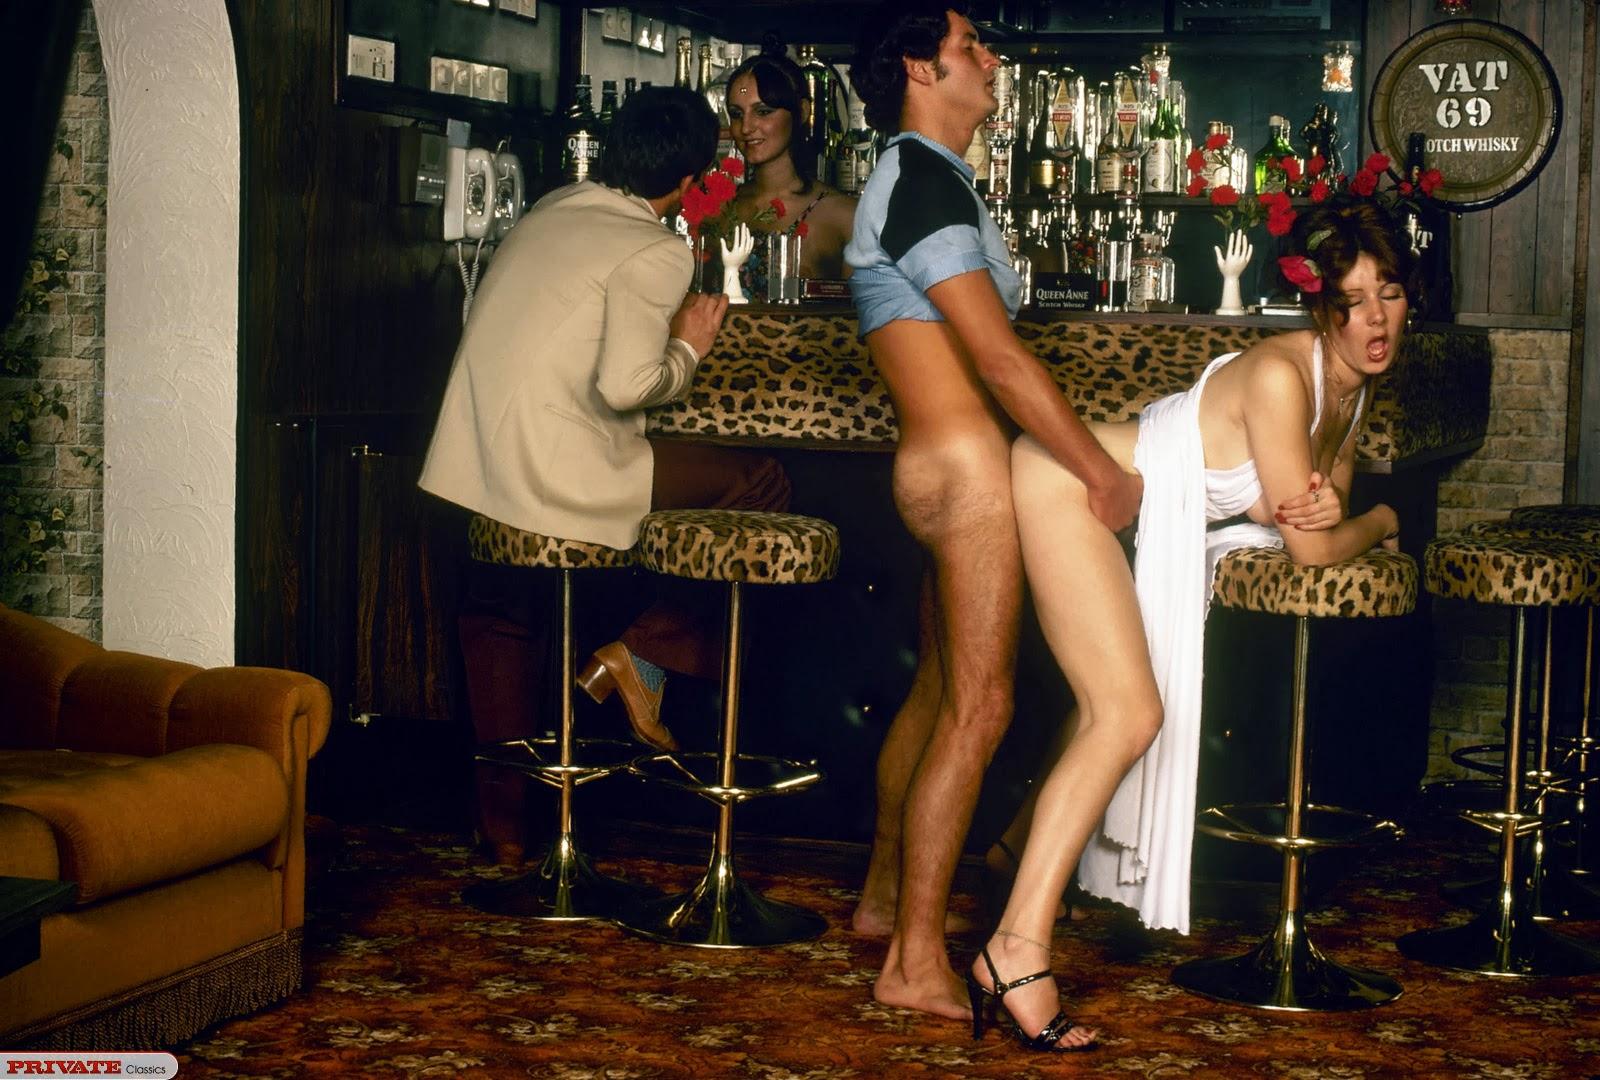 Смотреть онлайн порно бар ретро, Ретро порно смотреть онлайн бесплатно - Ретро порно 3 фотография